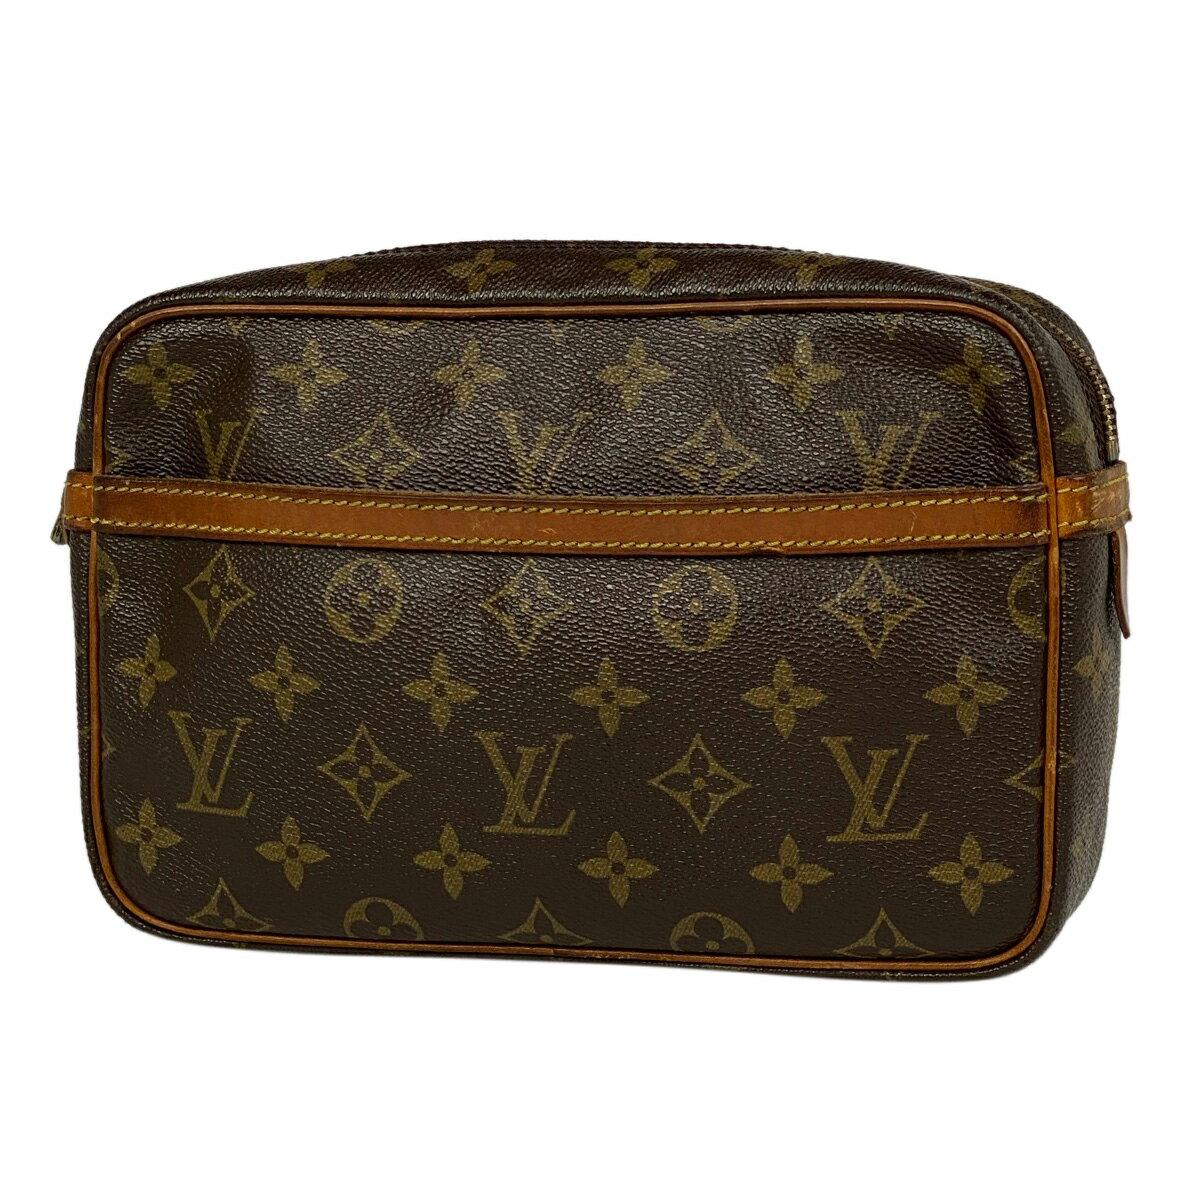 レディースバッグ, クラッチバッグ・セカンドバッグ  Louis Vuitton 23 M51847